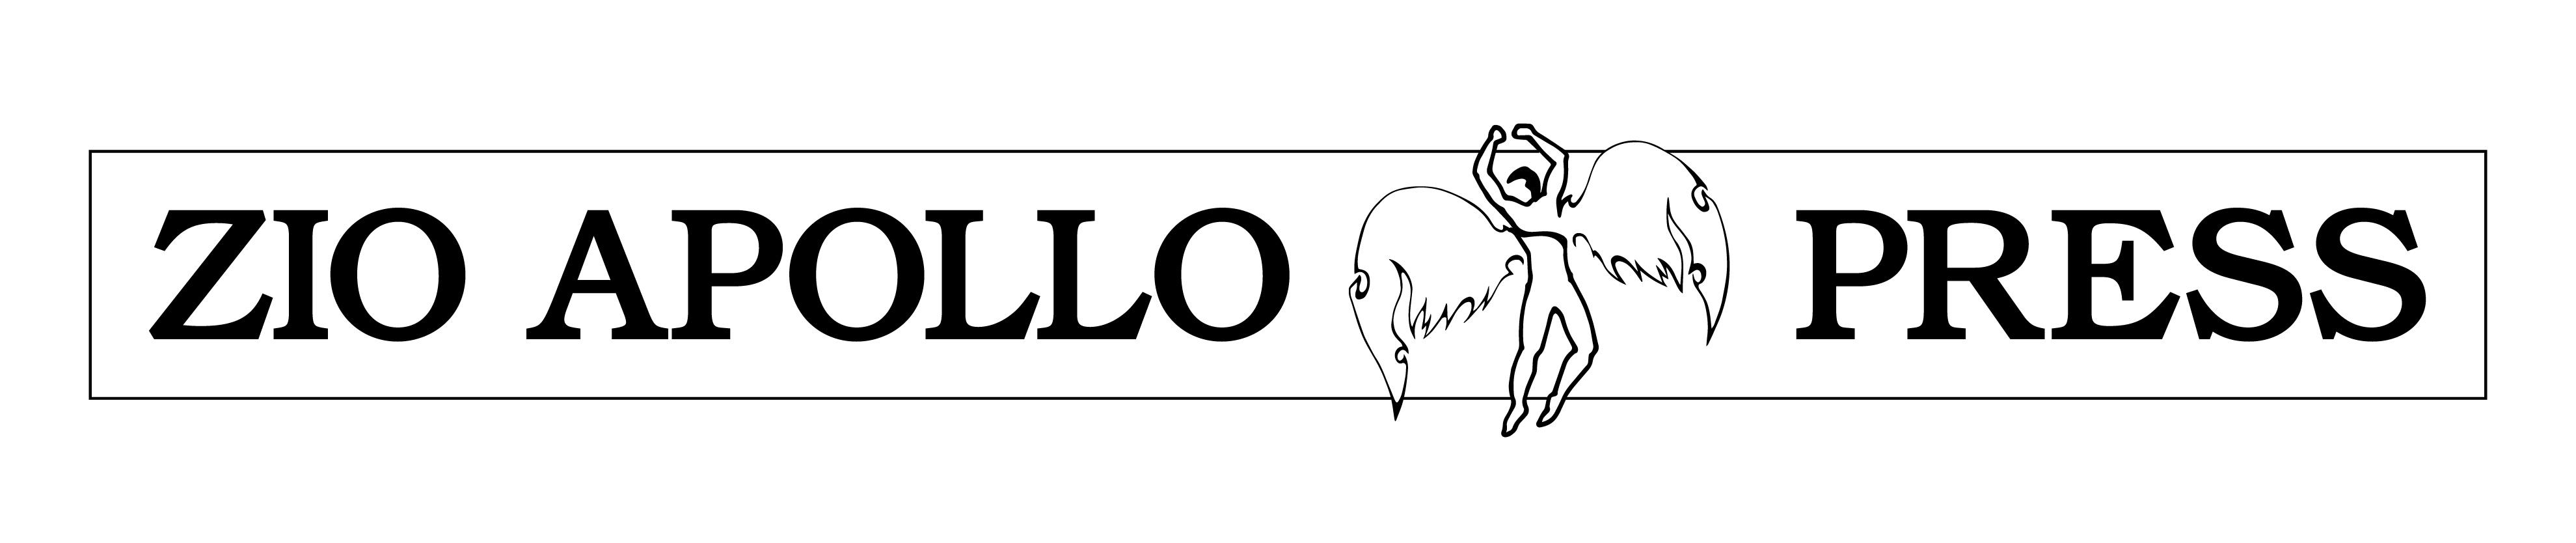 Zio Apollo Press